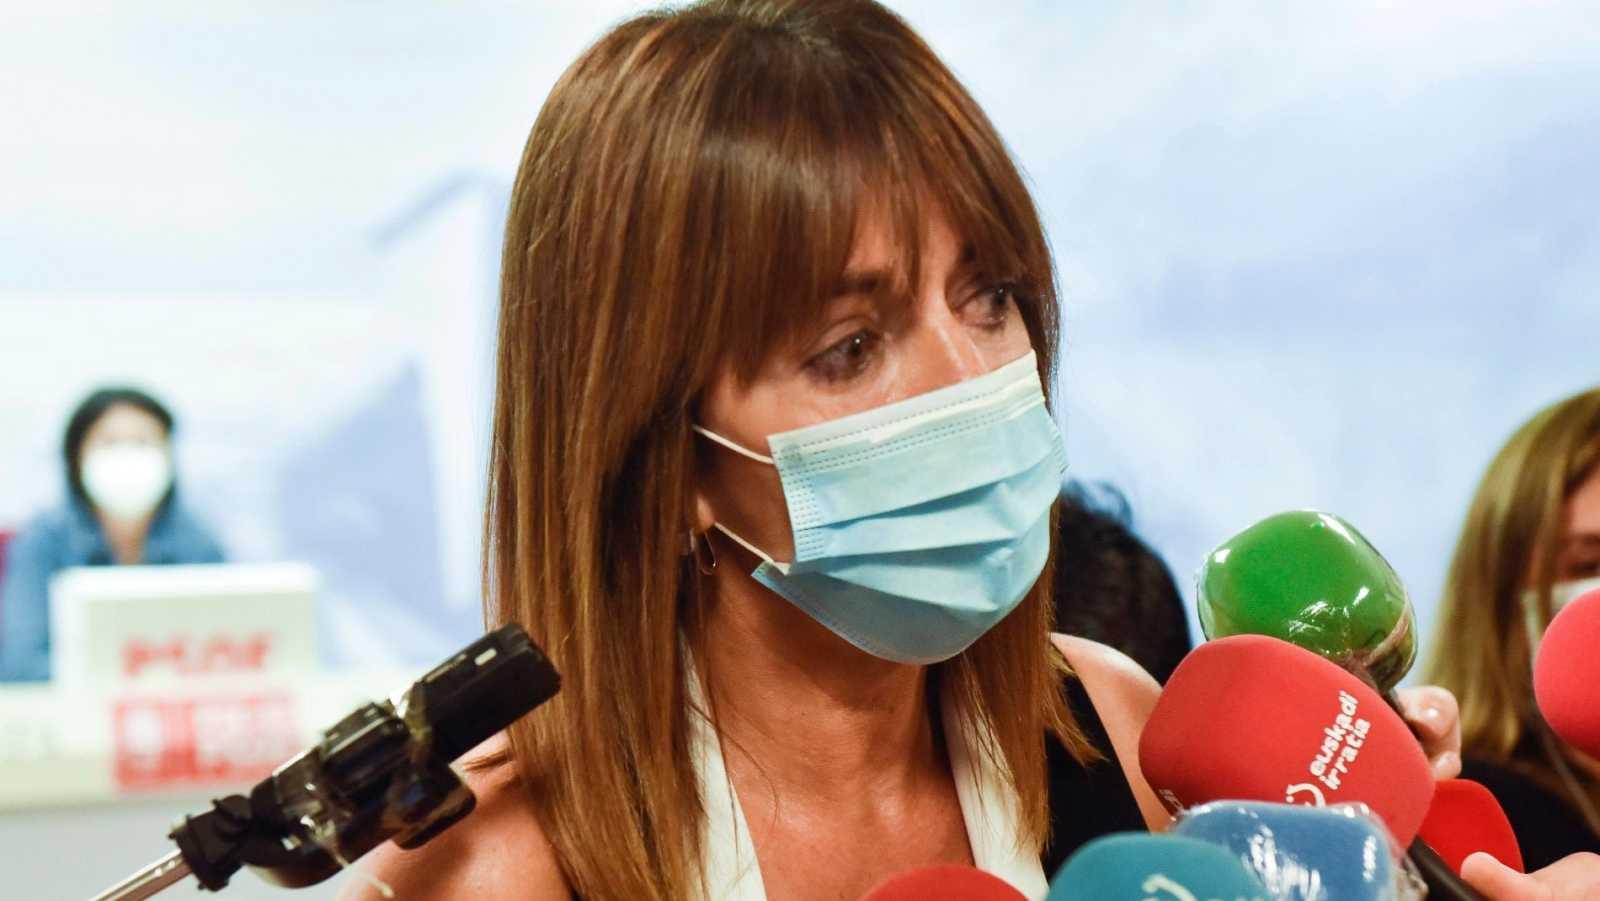 La secretaria general del PSE-EE,Idoia Mendia, atiende a los medios de comunicación este lunes en Bilbao